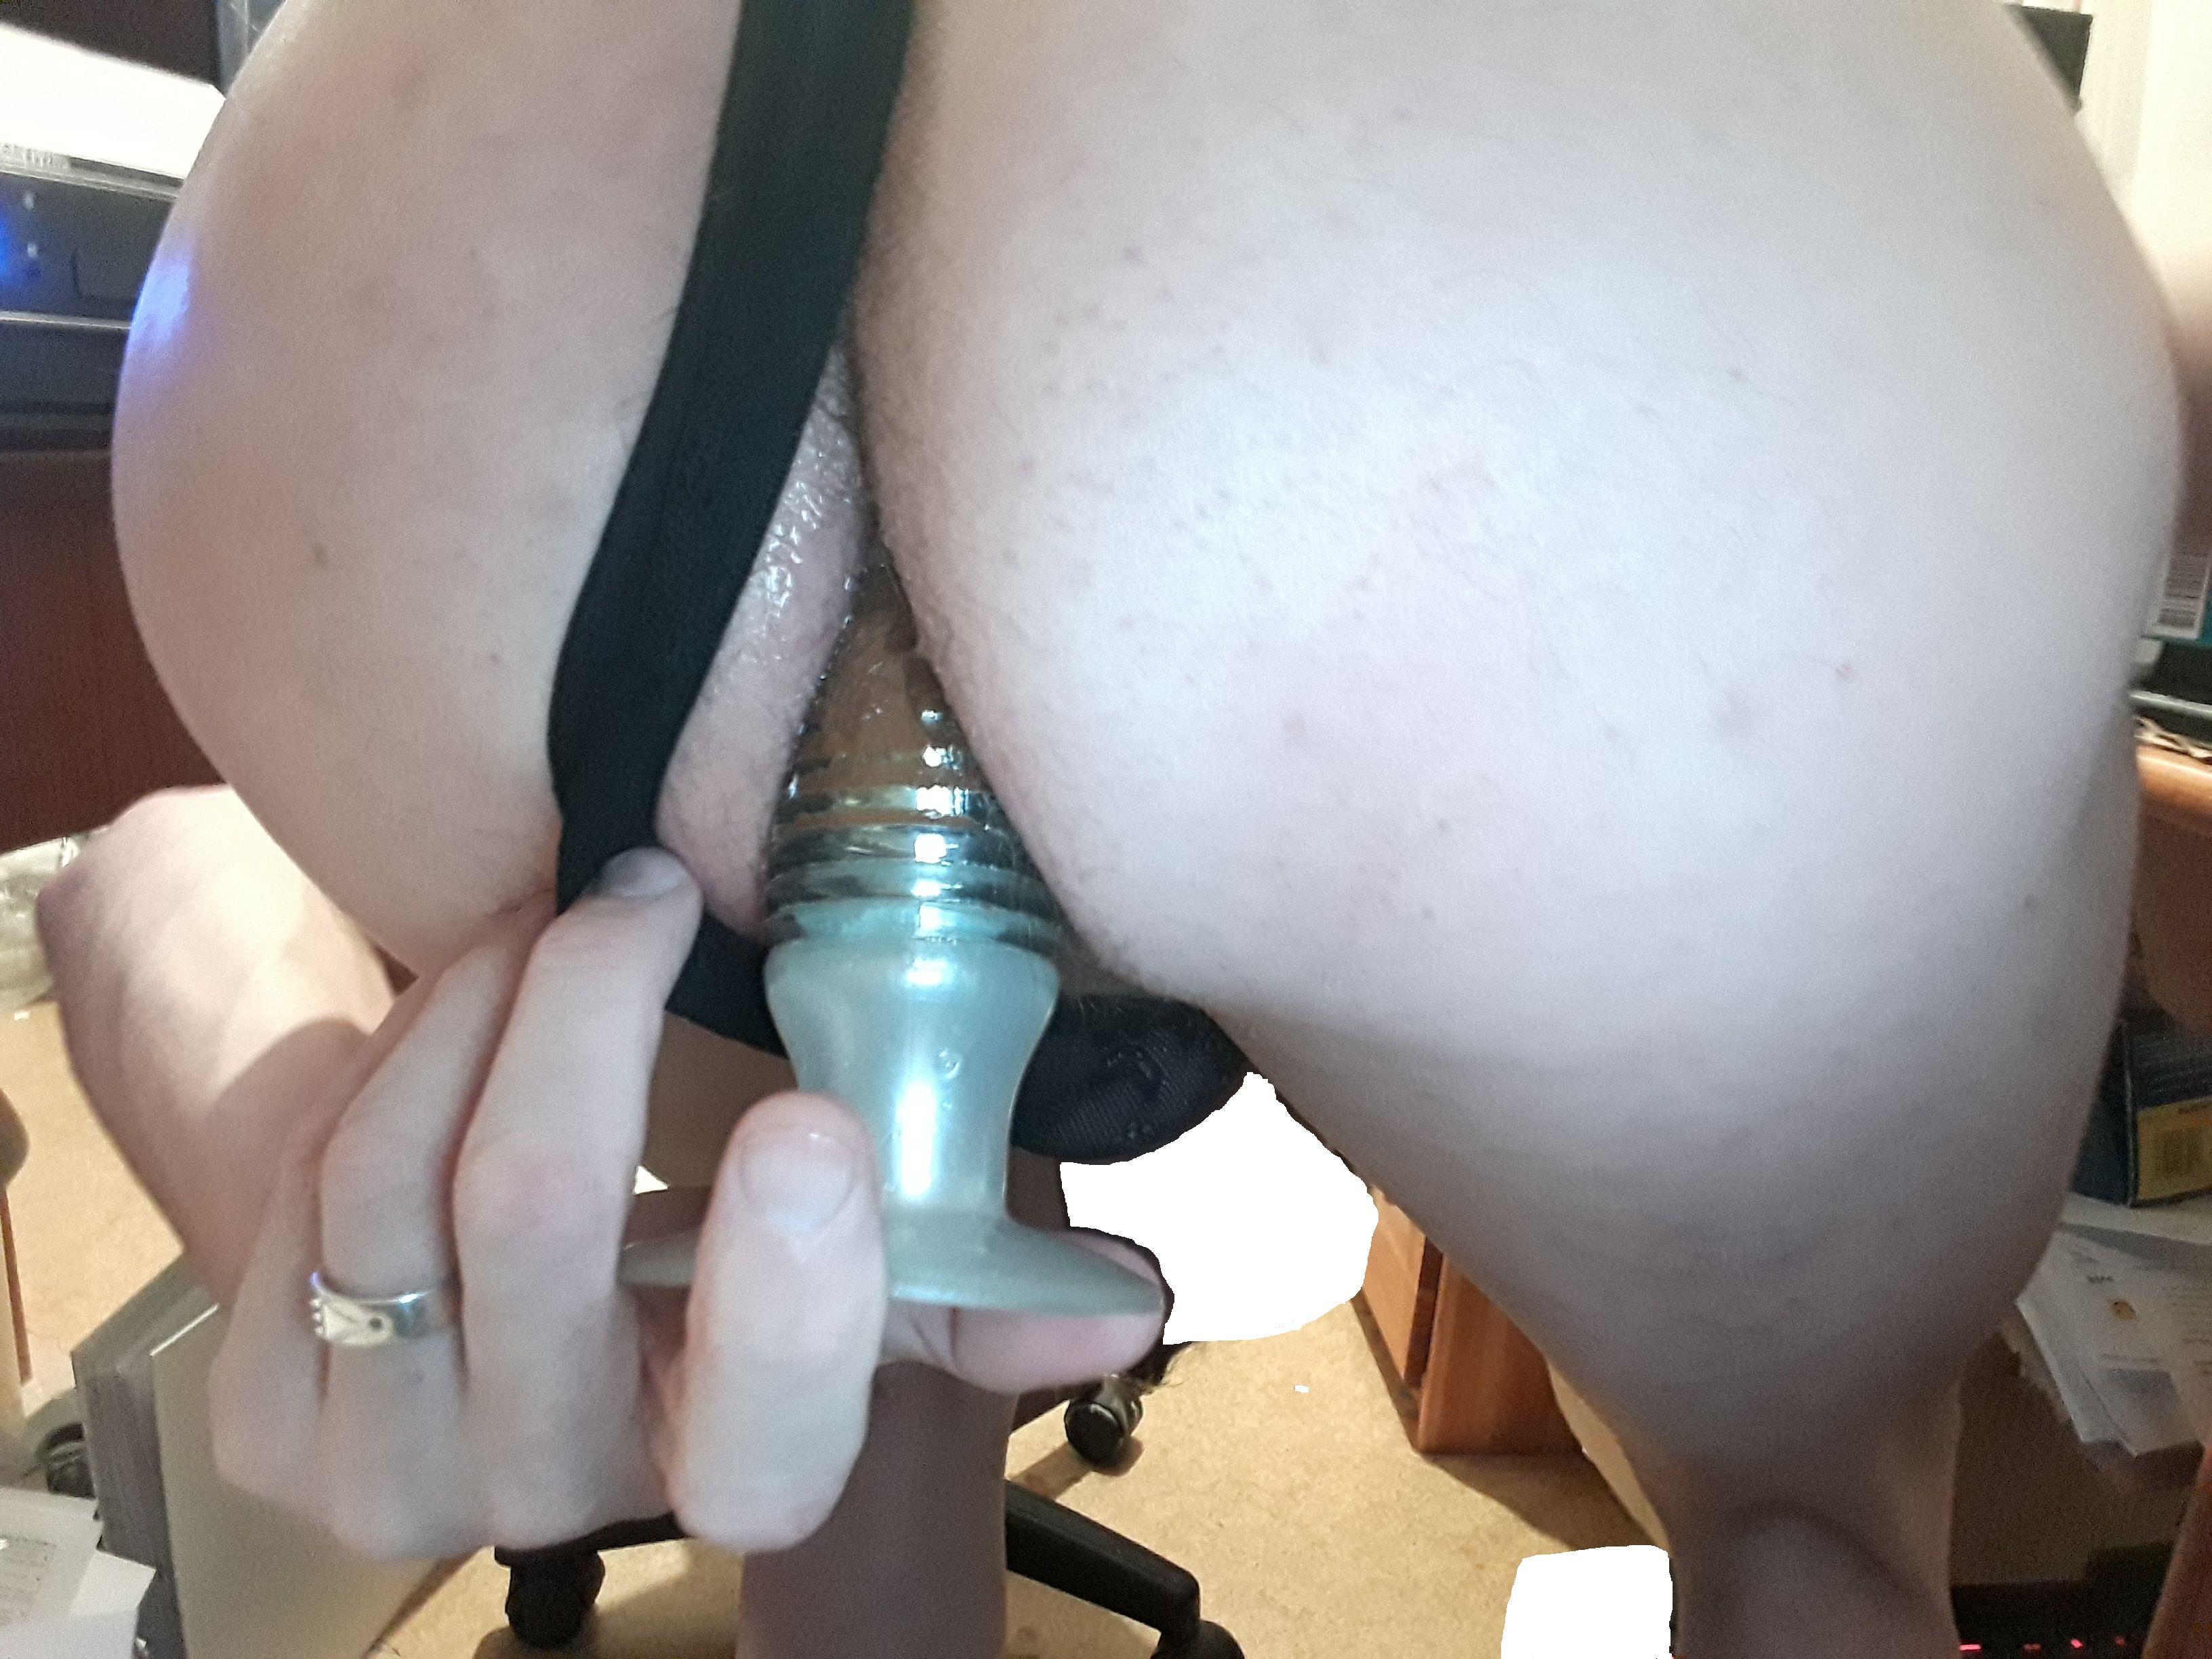 petit plug anal salope routier